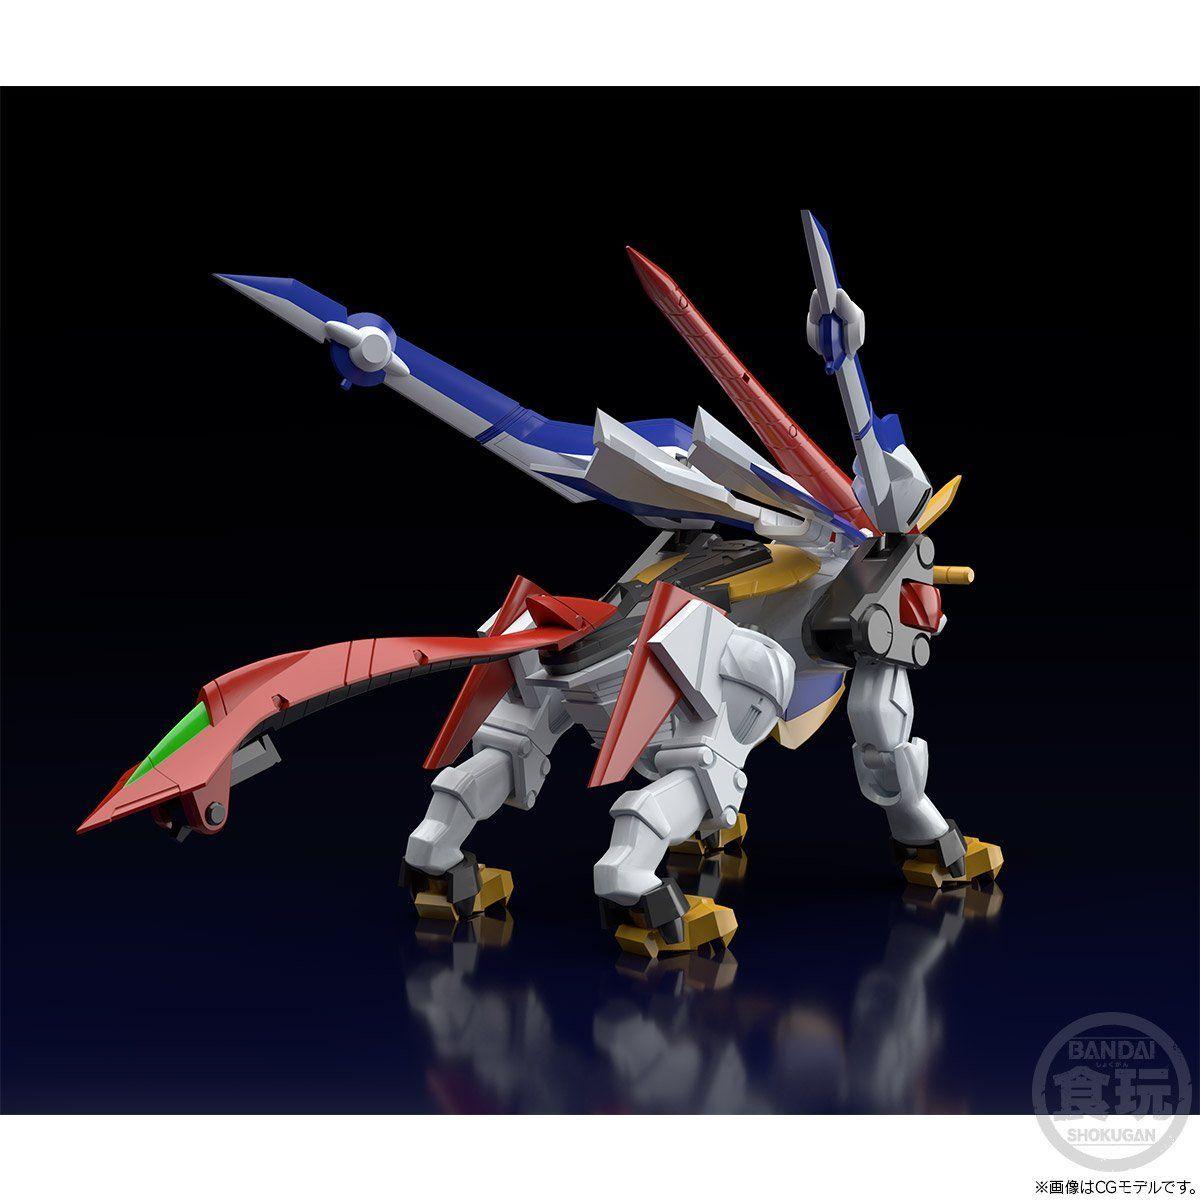 【限定販売】【食玩】スーパーミニプラ『超獣王 輝刃』GEAR戦士電童 プラモデル-003